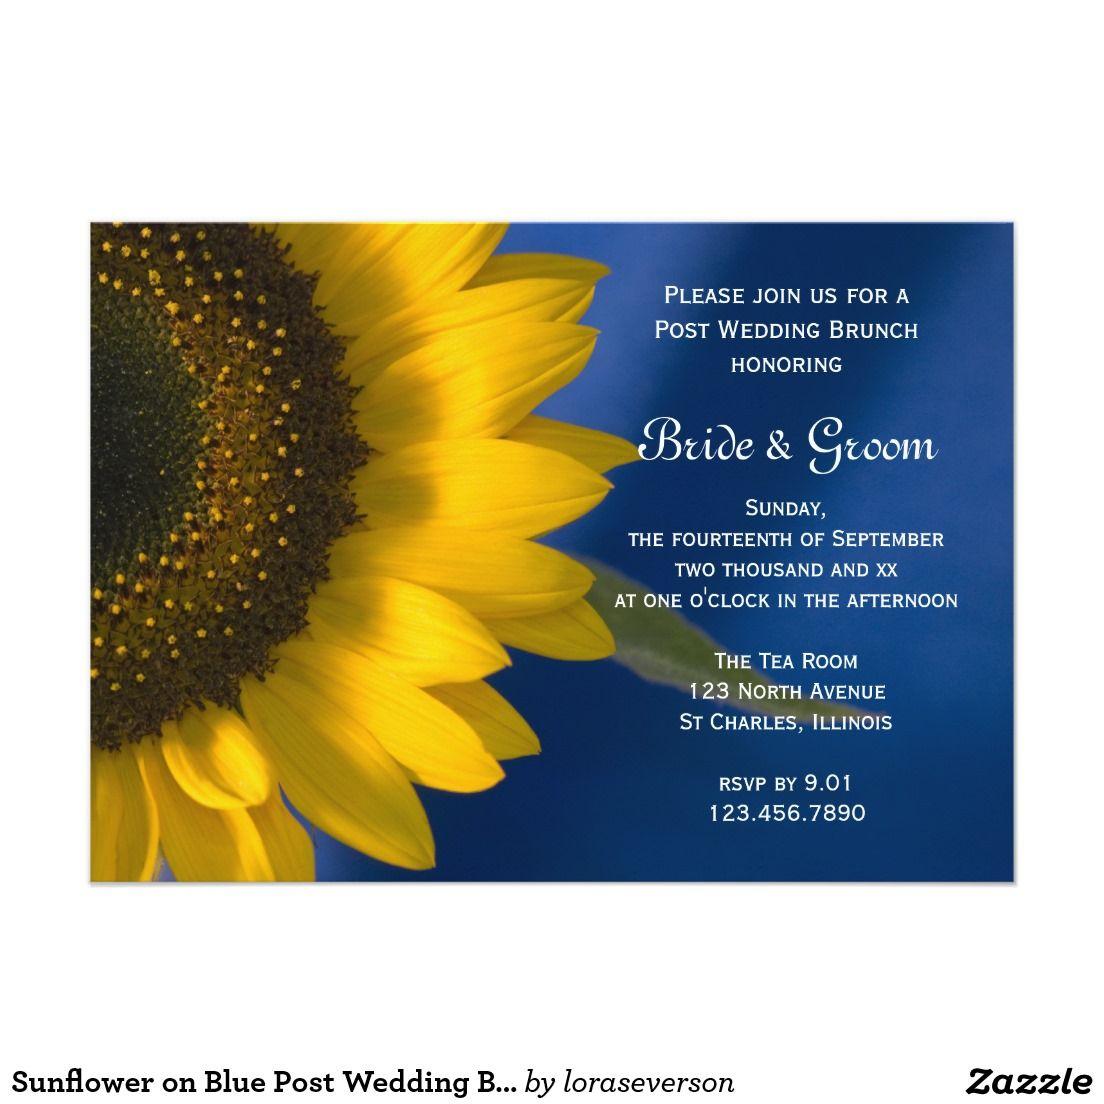 Sunflower on Blue Post Wedding Brunch Invitation   Sunflower ... - Einladungskarte Sonnenblume